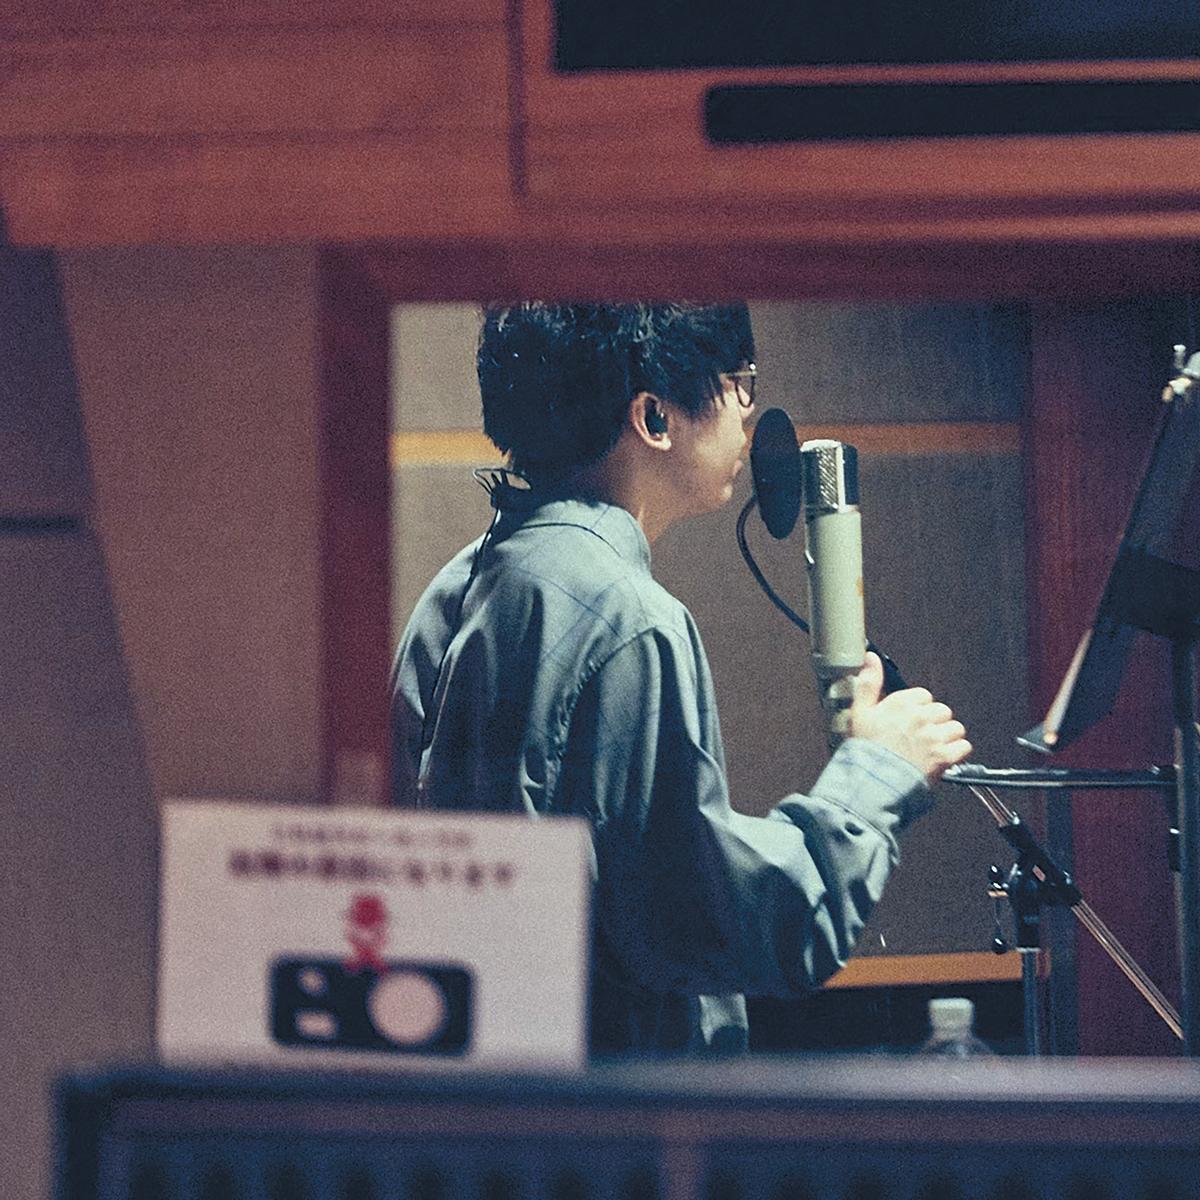 ボーカル録りにはTELEFUNKEN Ela M 251を使用。片岡は、「省二郎さんのEla M 251は日本の宝だと思うので、もっといろいろな歌を歌ってみたい」と語る